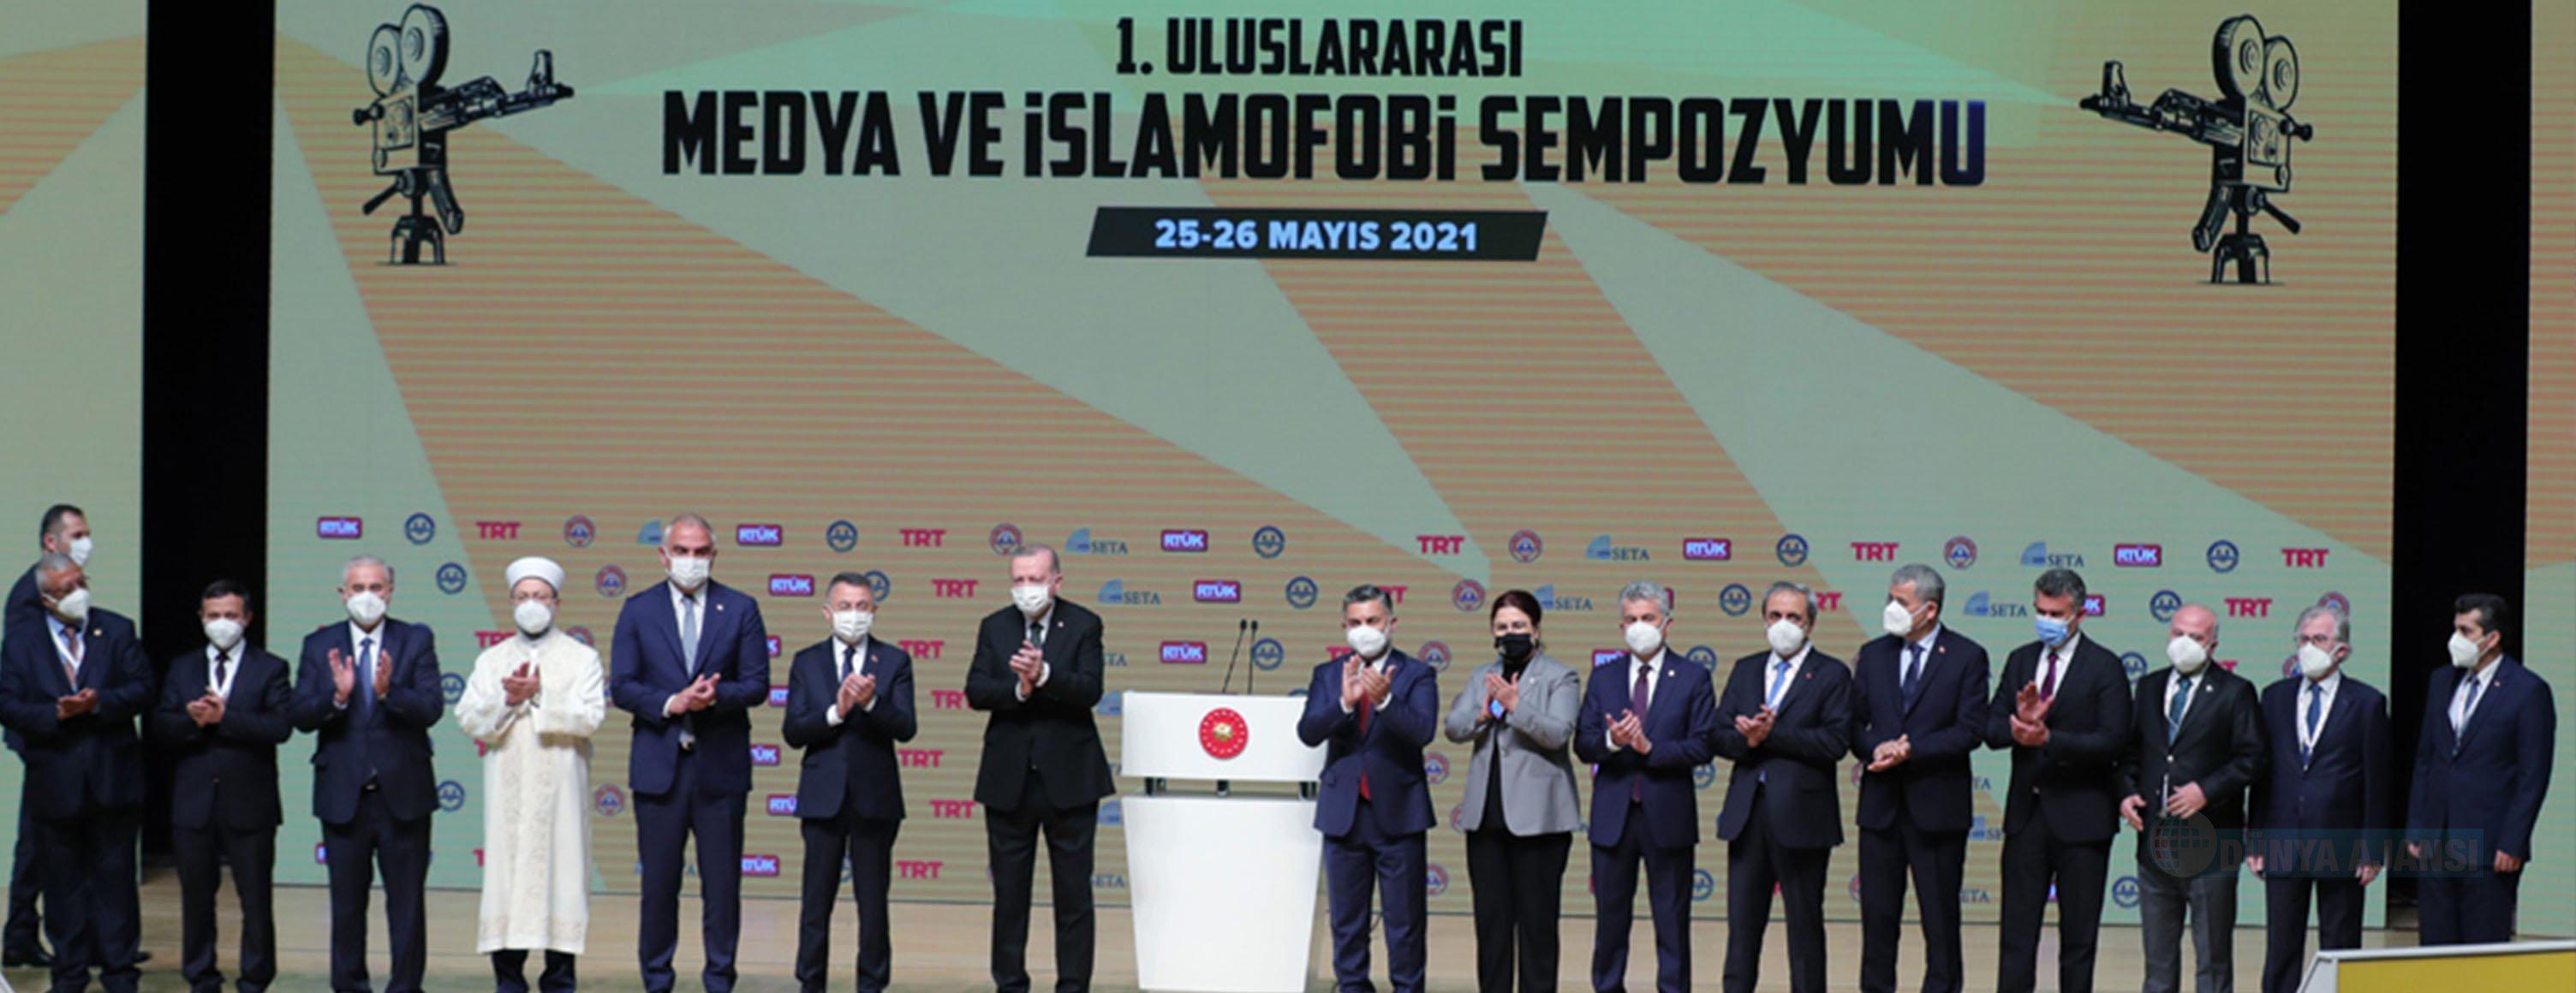 Erdoğan: Dünyanın pek çok yerinde İslam düşmanlığı hastalığı tıpkı kanser gibi hızla yayılıyor